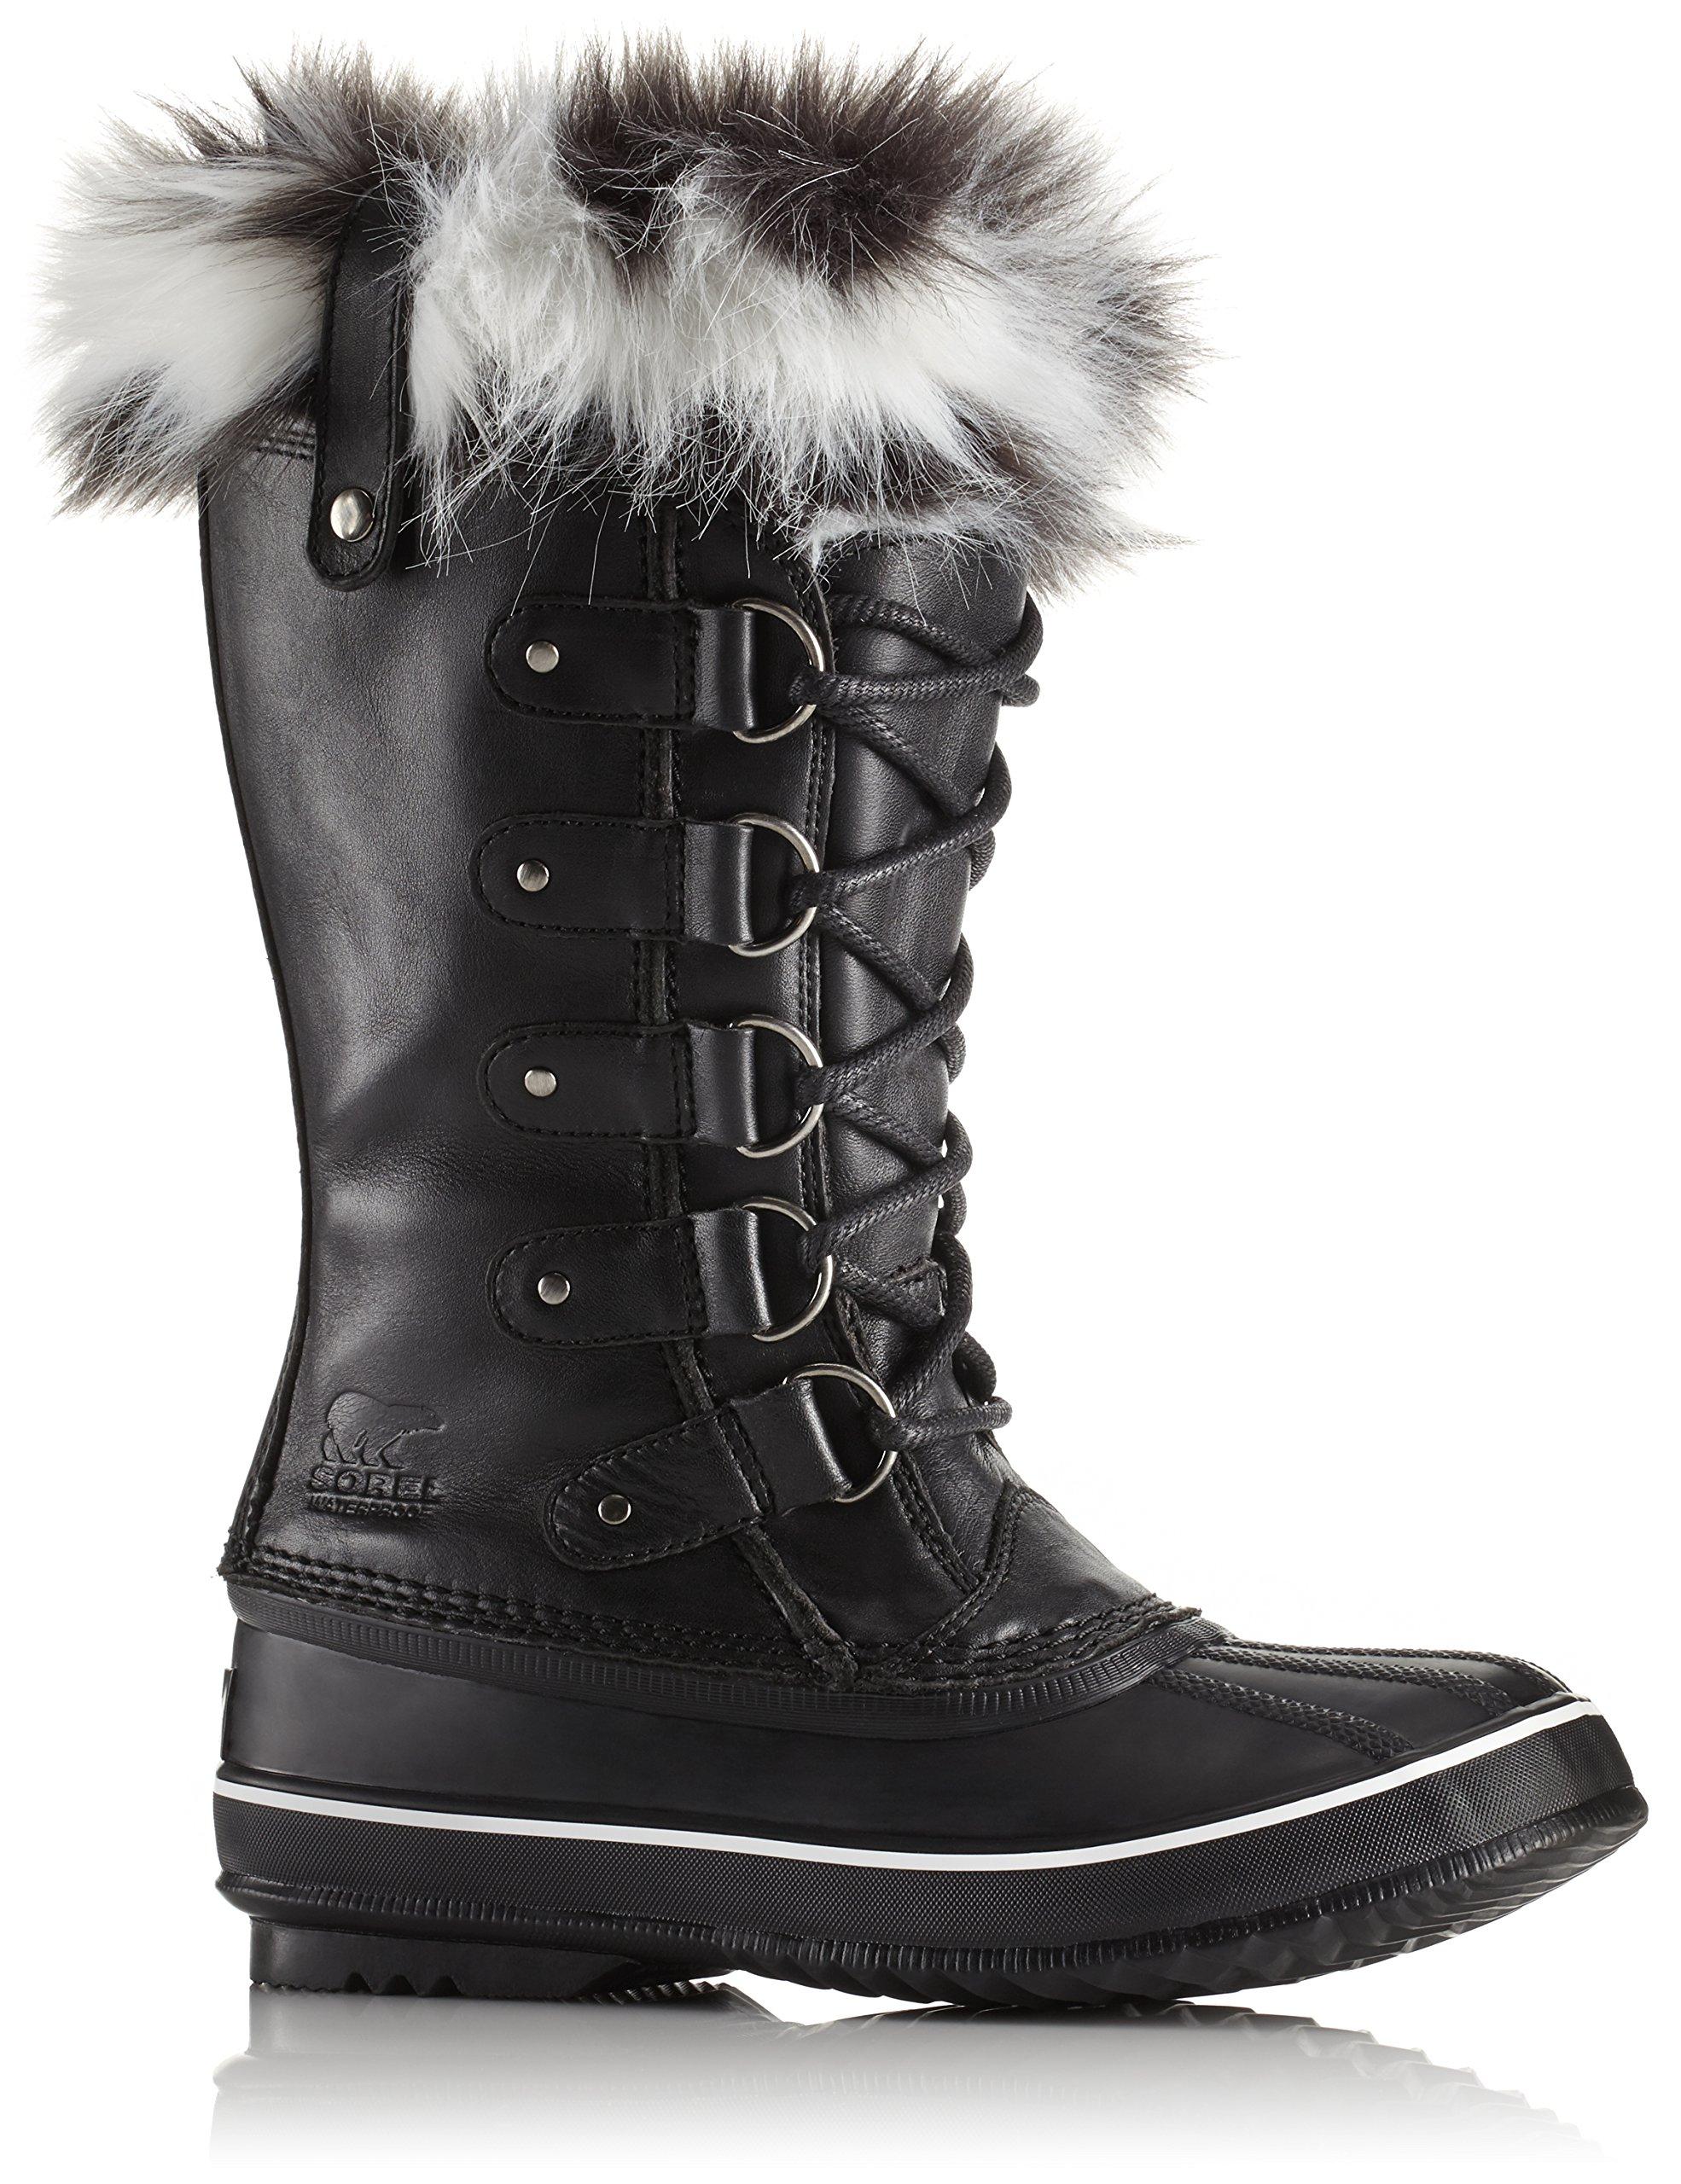 SOREL Women's Joan Of Arctic Lux Boot (10 B(M) US)